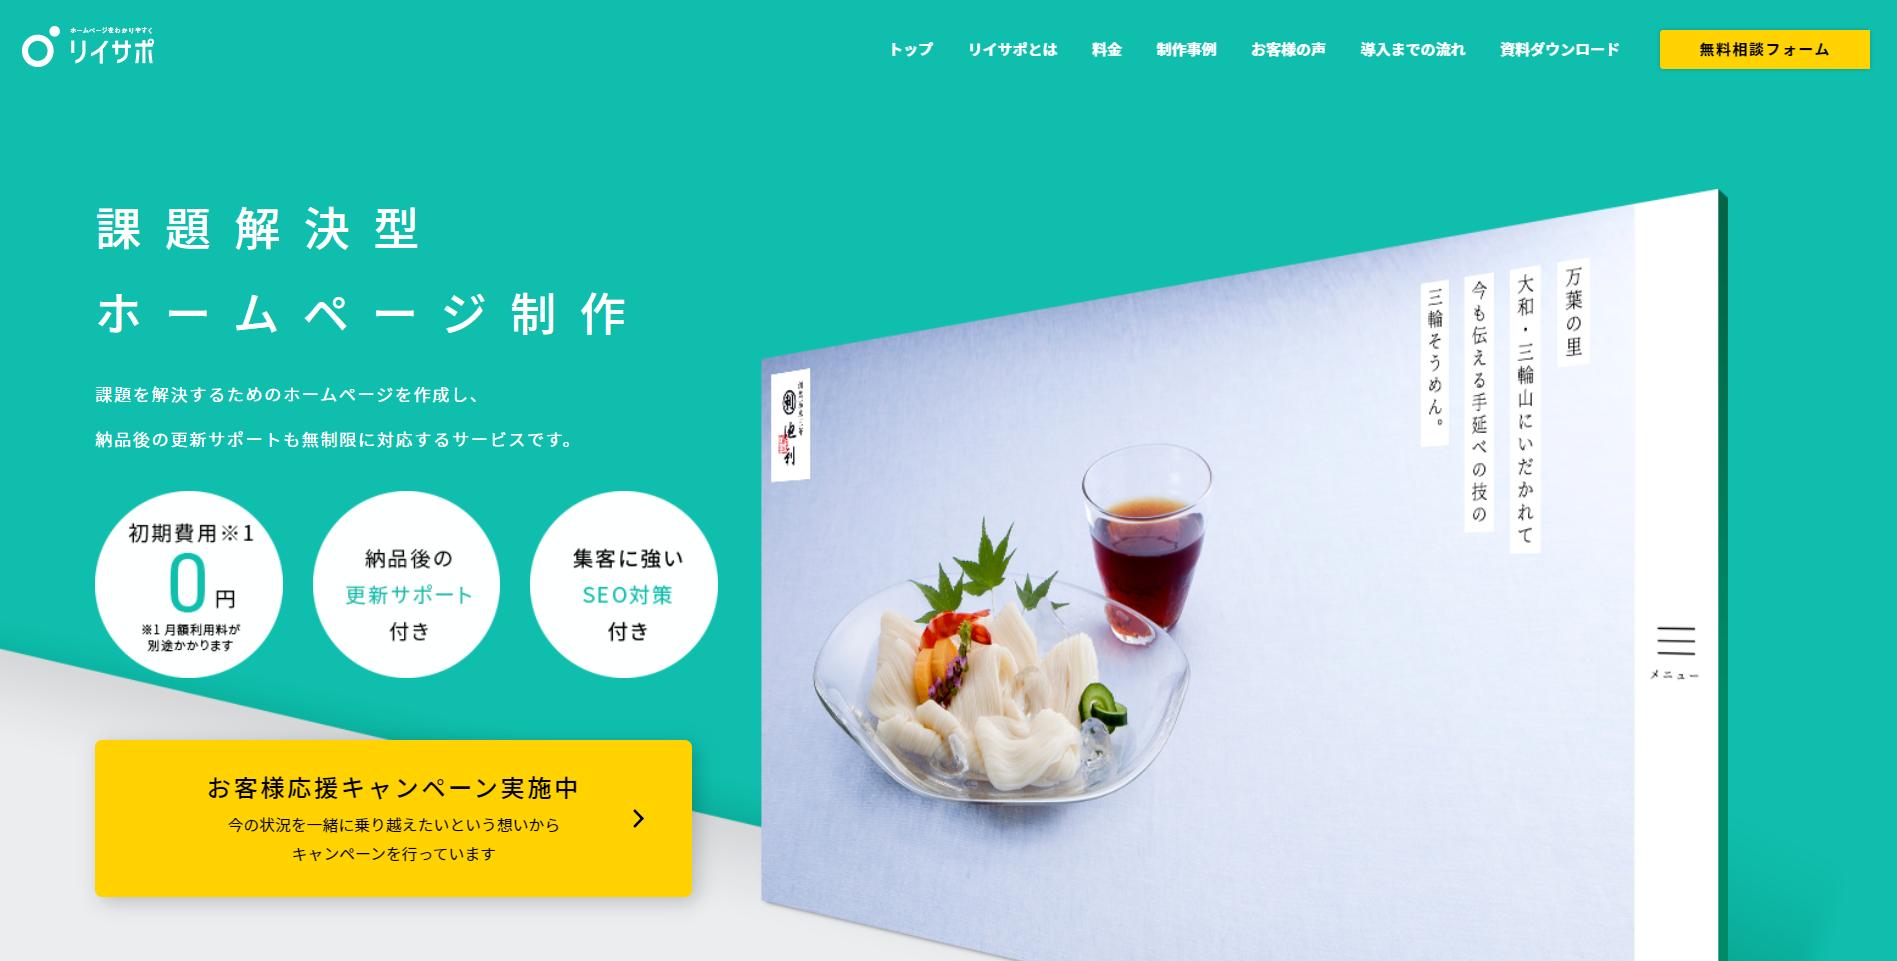 WEBサイト制作サービス「リイサポ」の画像